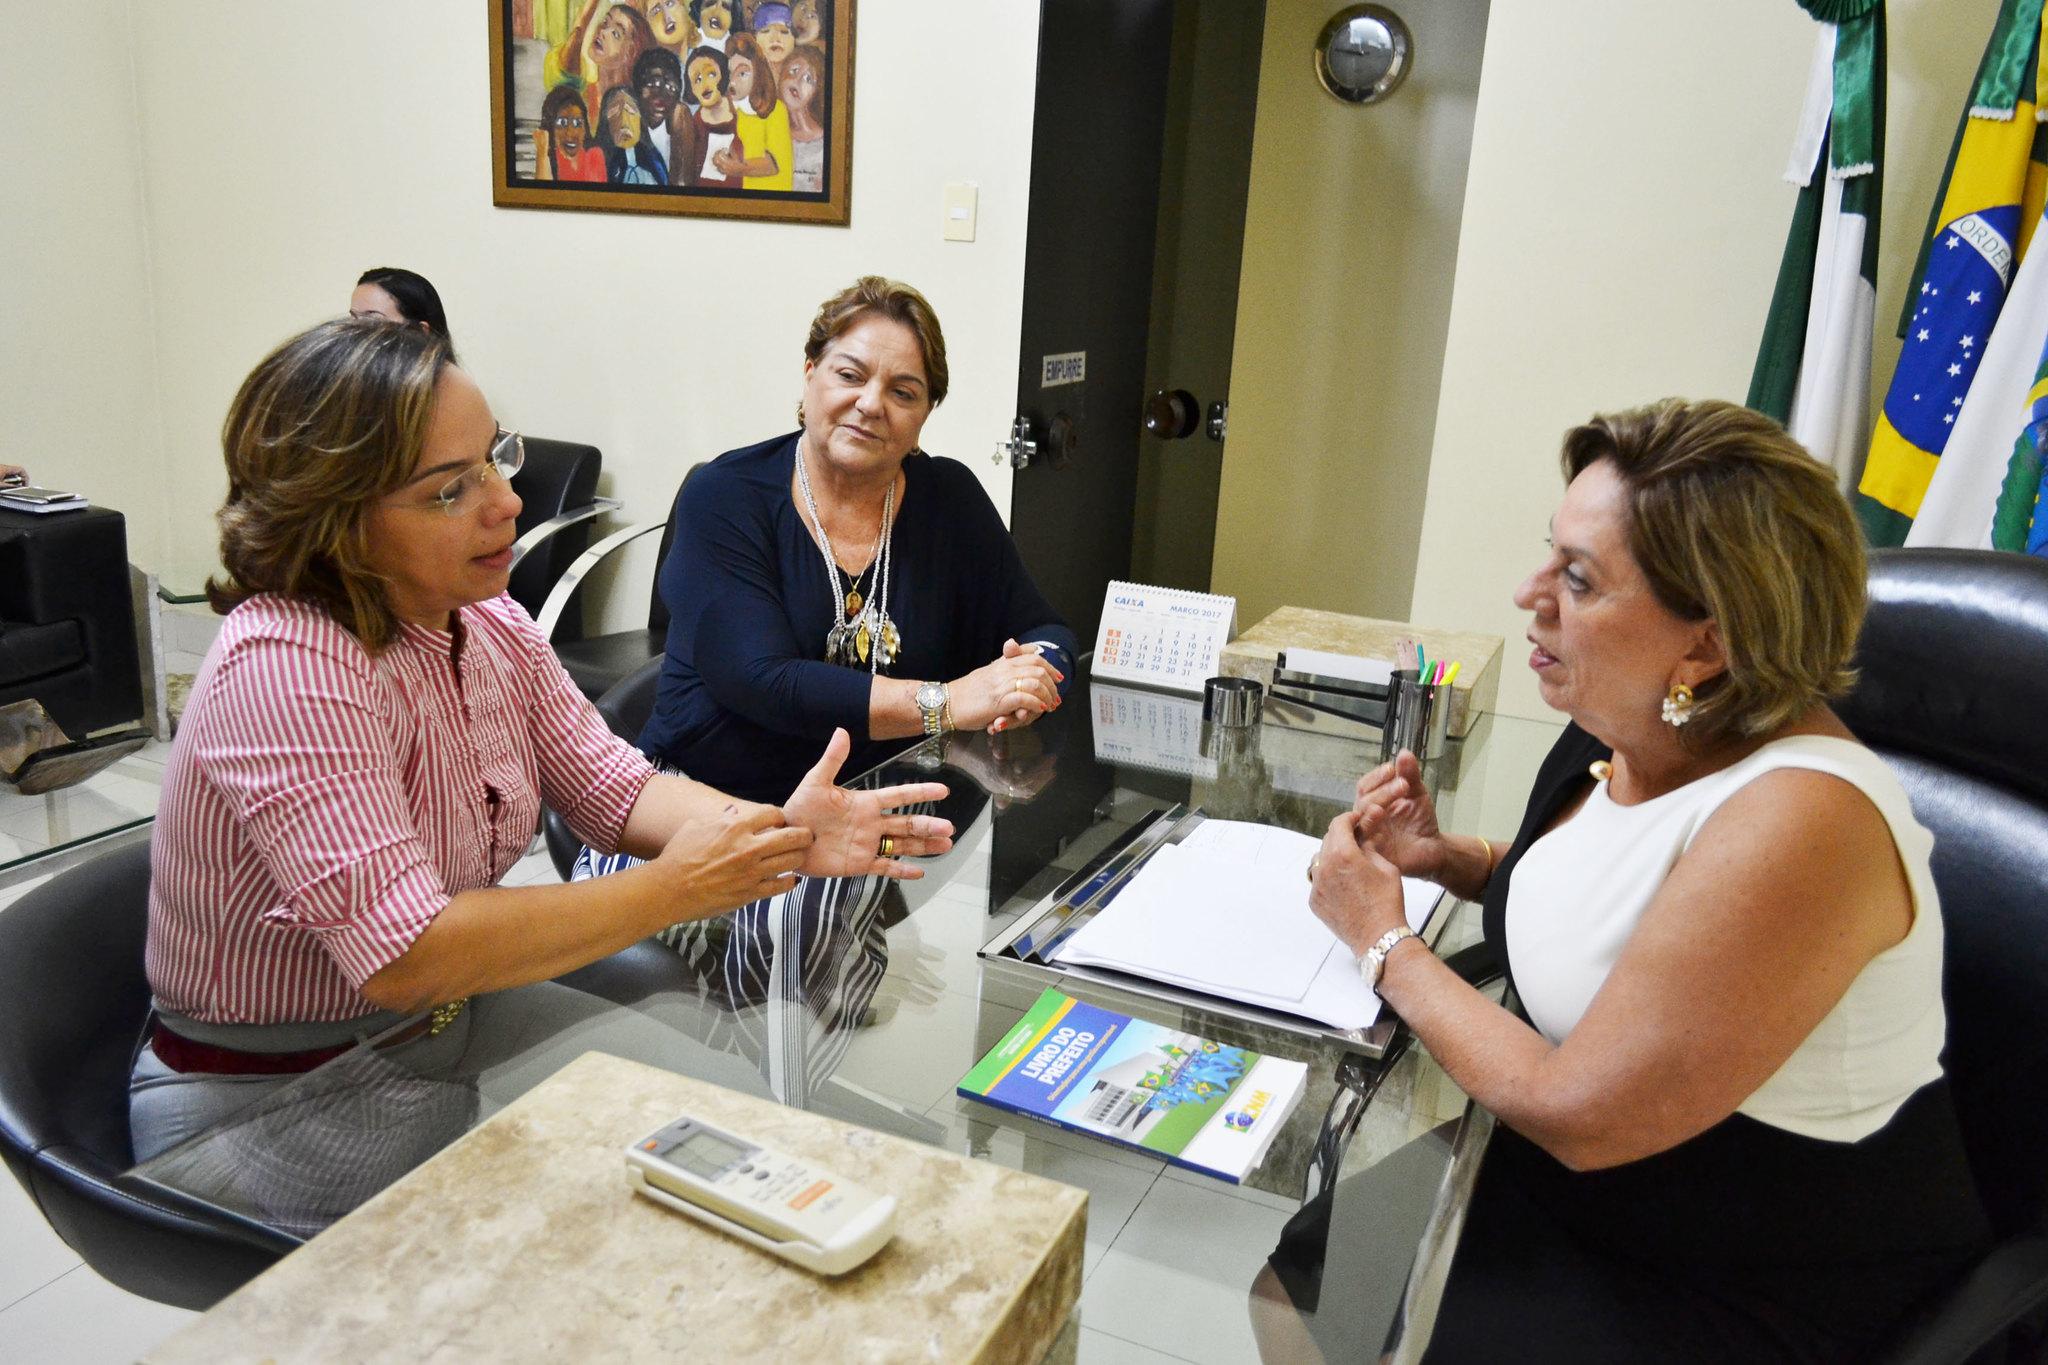 Prefeitura de Mossoró - Prefeita recebe a deputada Larissa Rosado